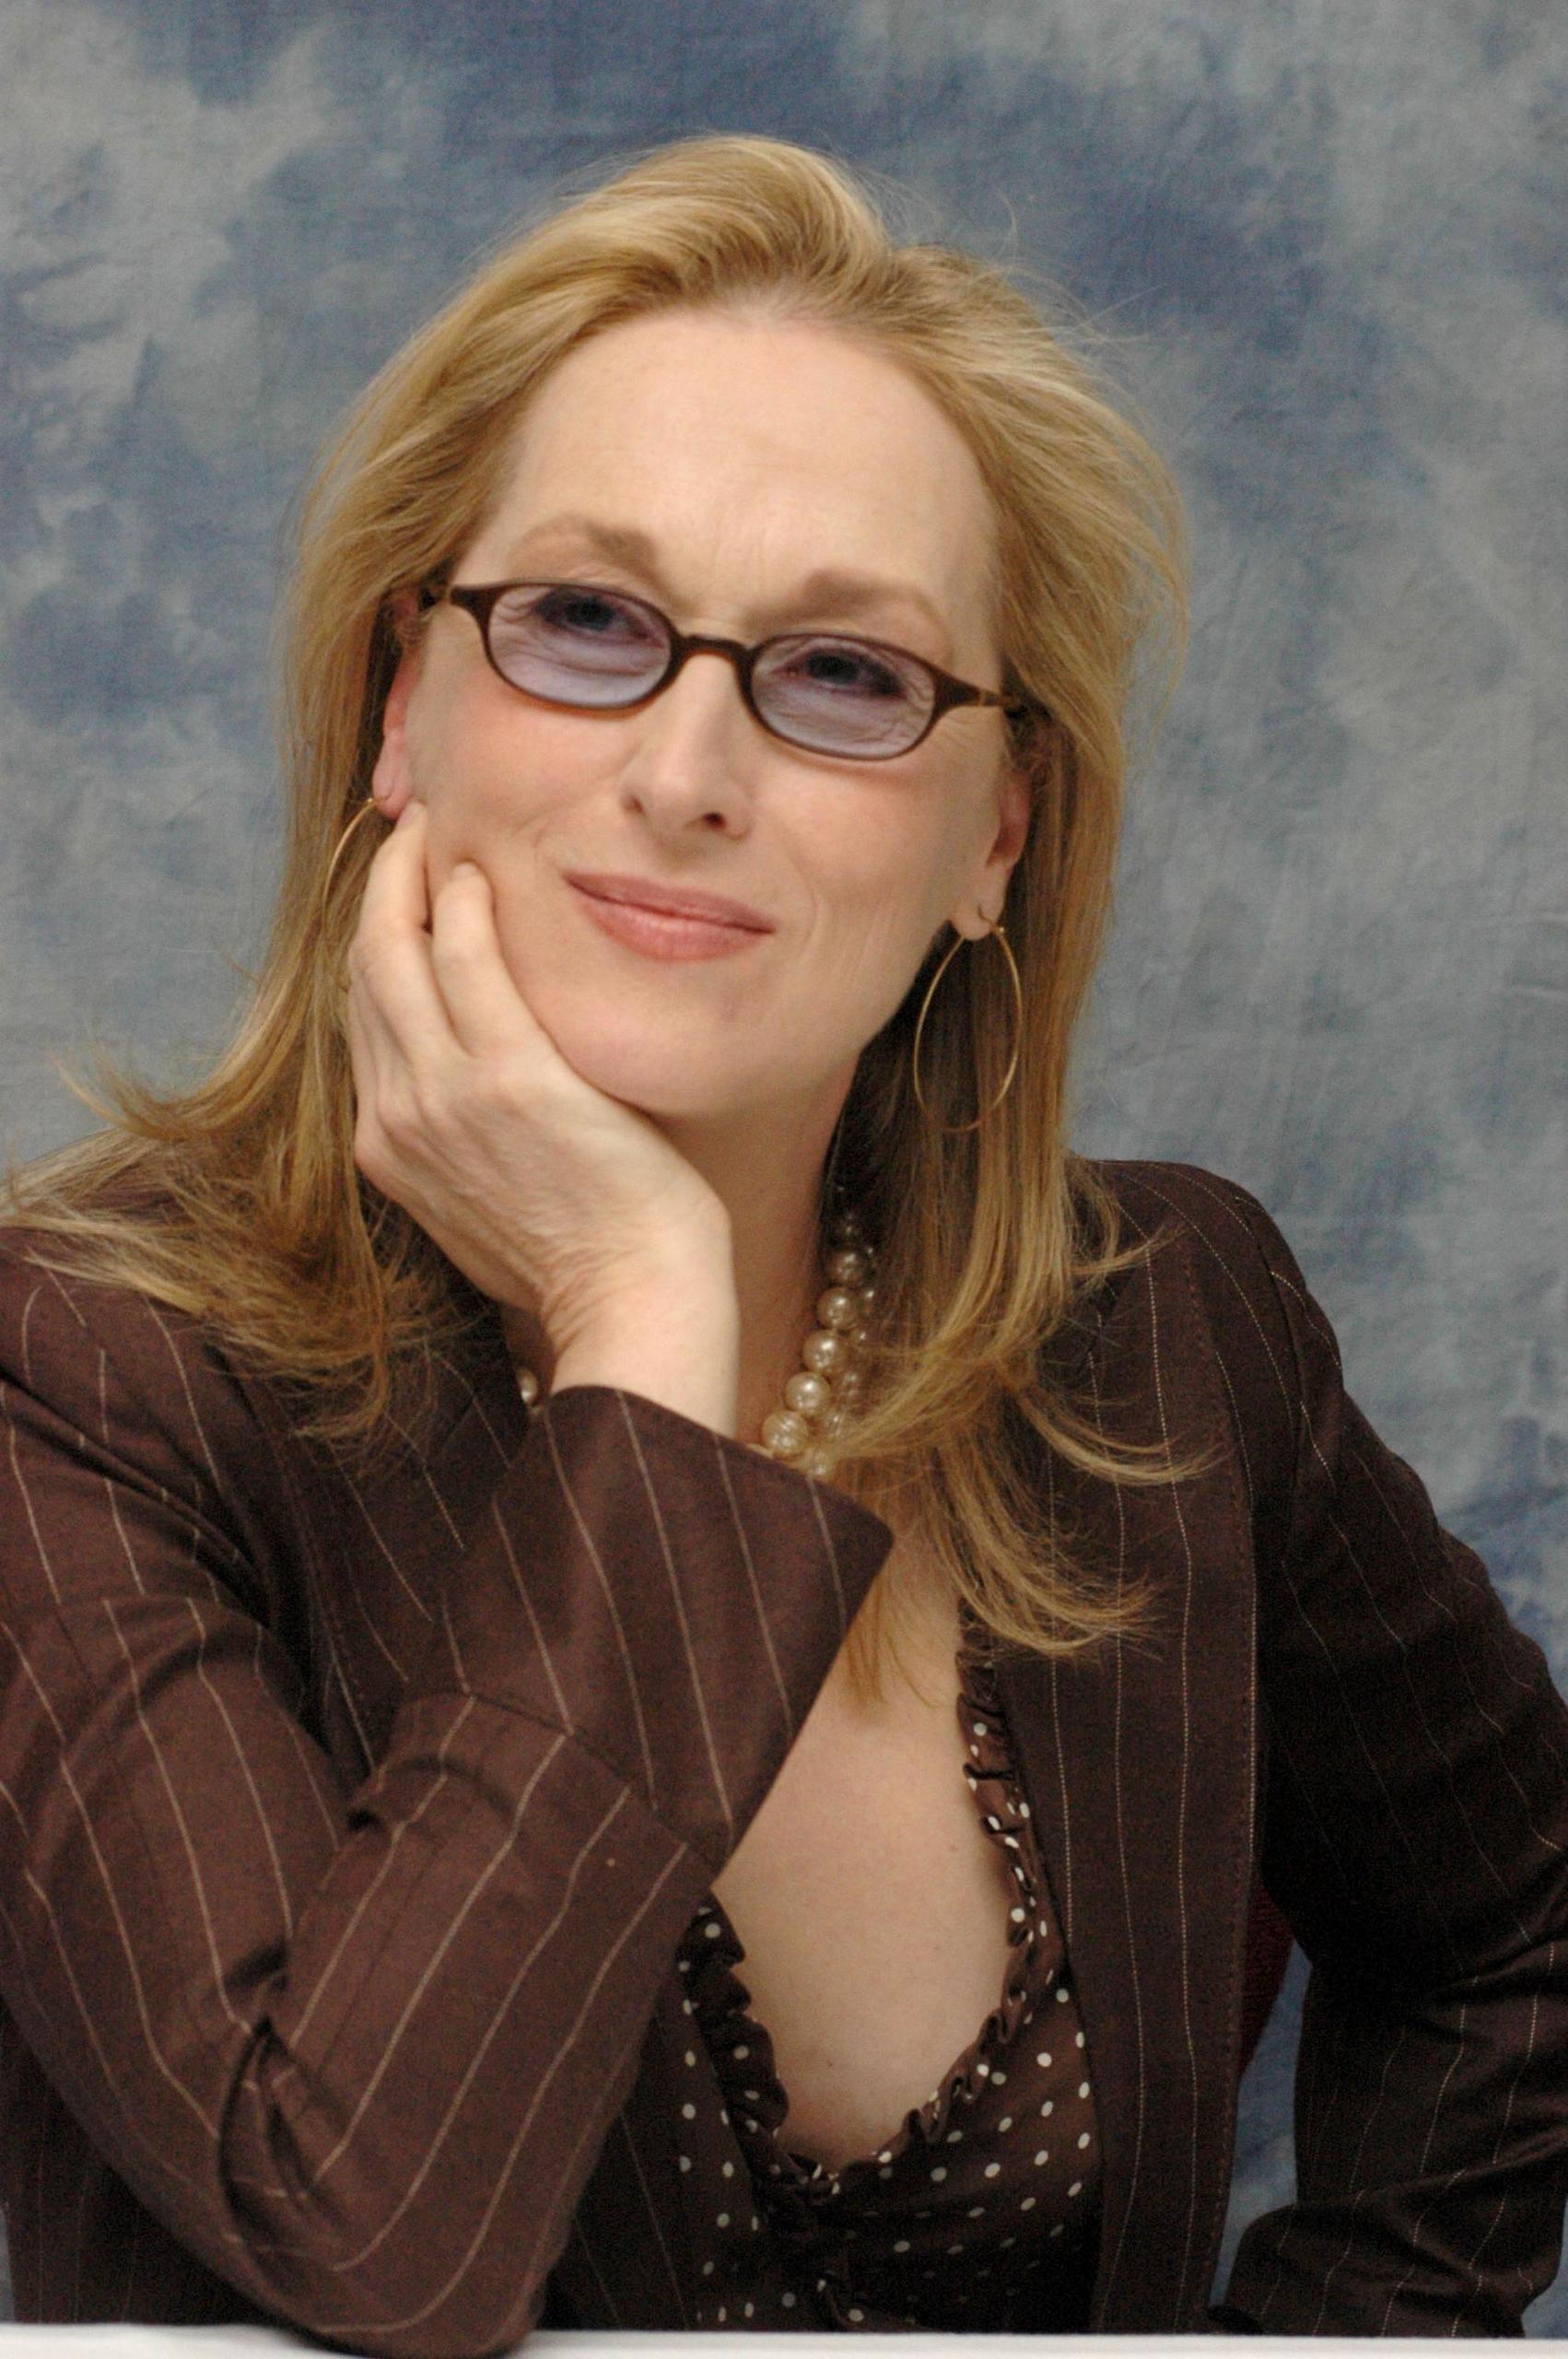 Meryl Streep - Images Actress